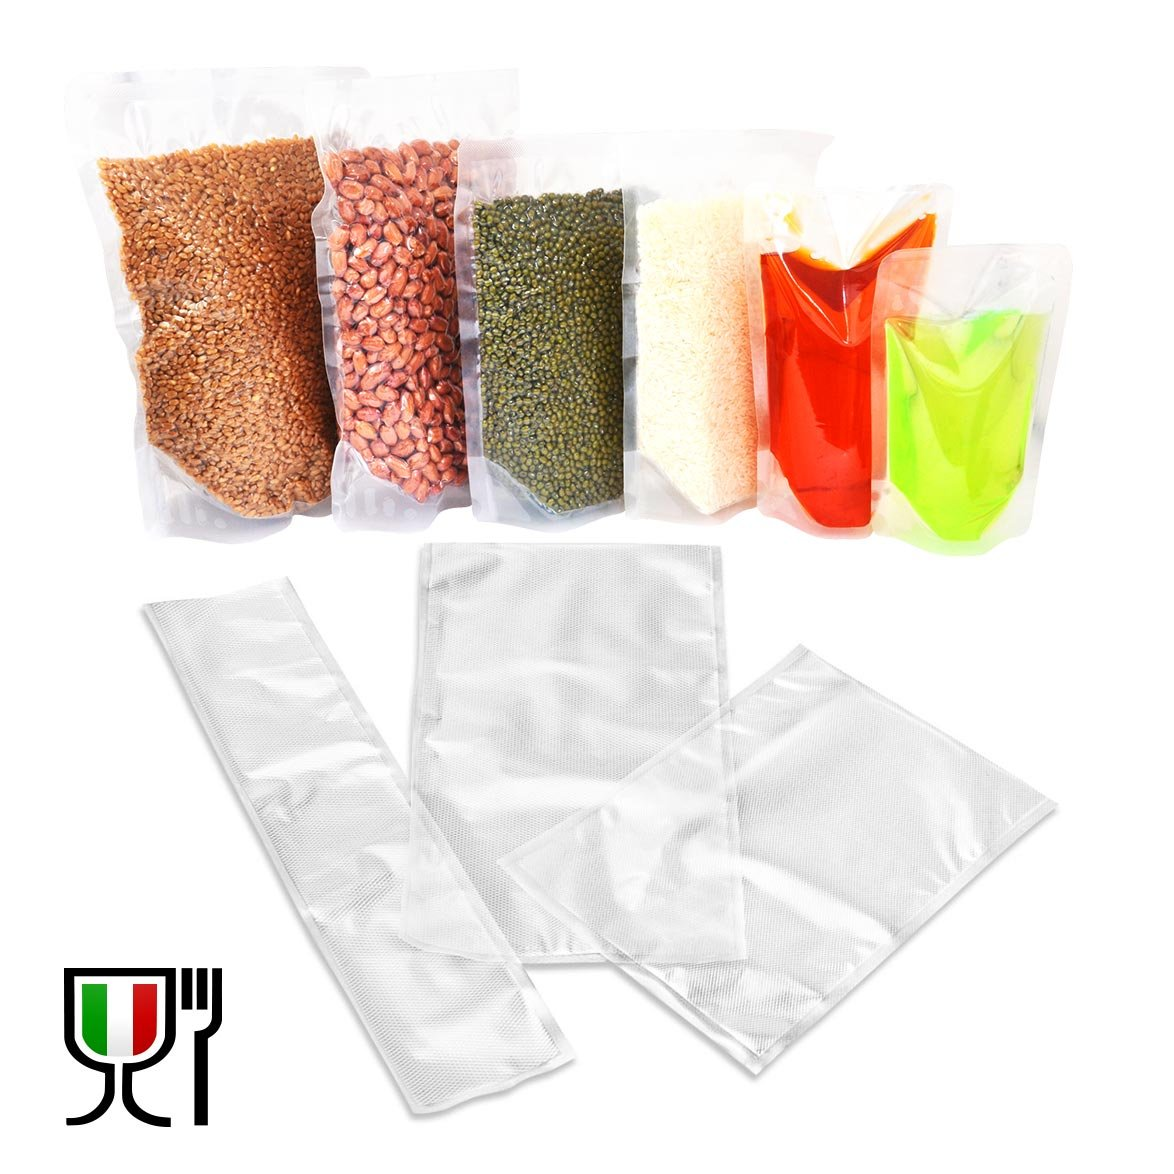 Plastar Pak 100 Buste 25x35 per Sottovuoto Goffrate 105 Micron Sacchetti per alimenti